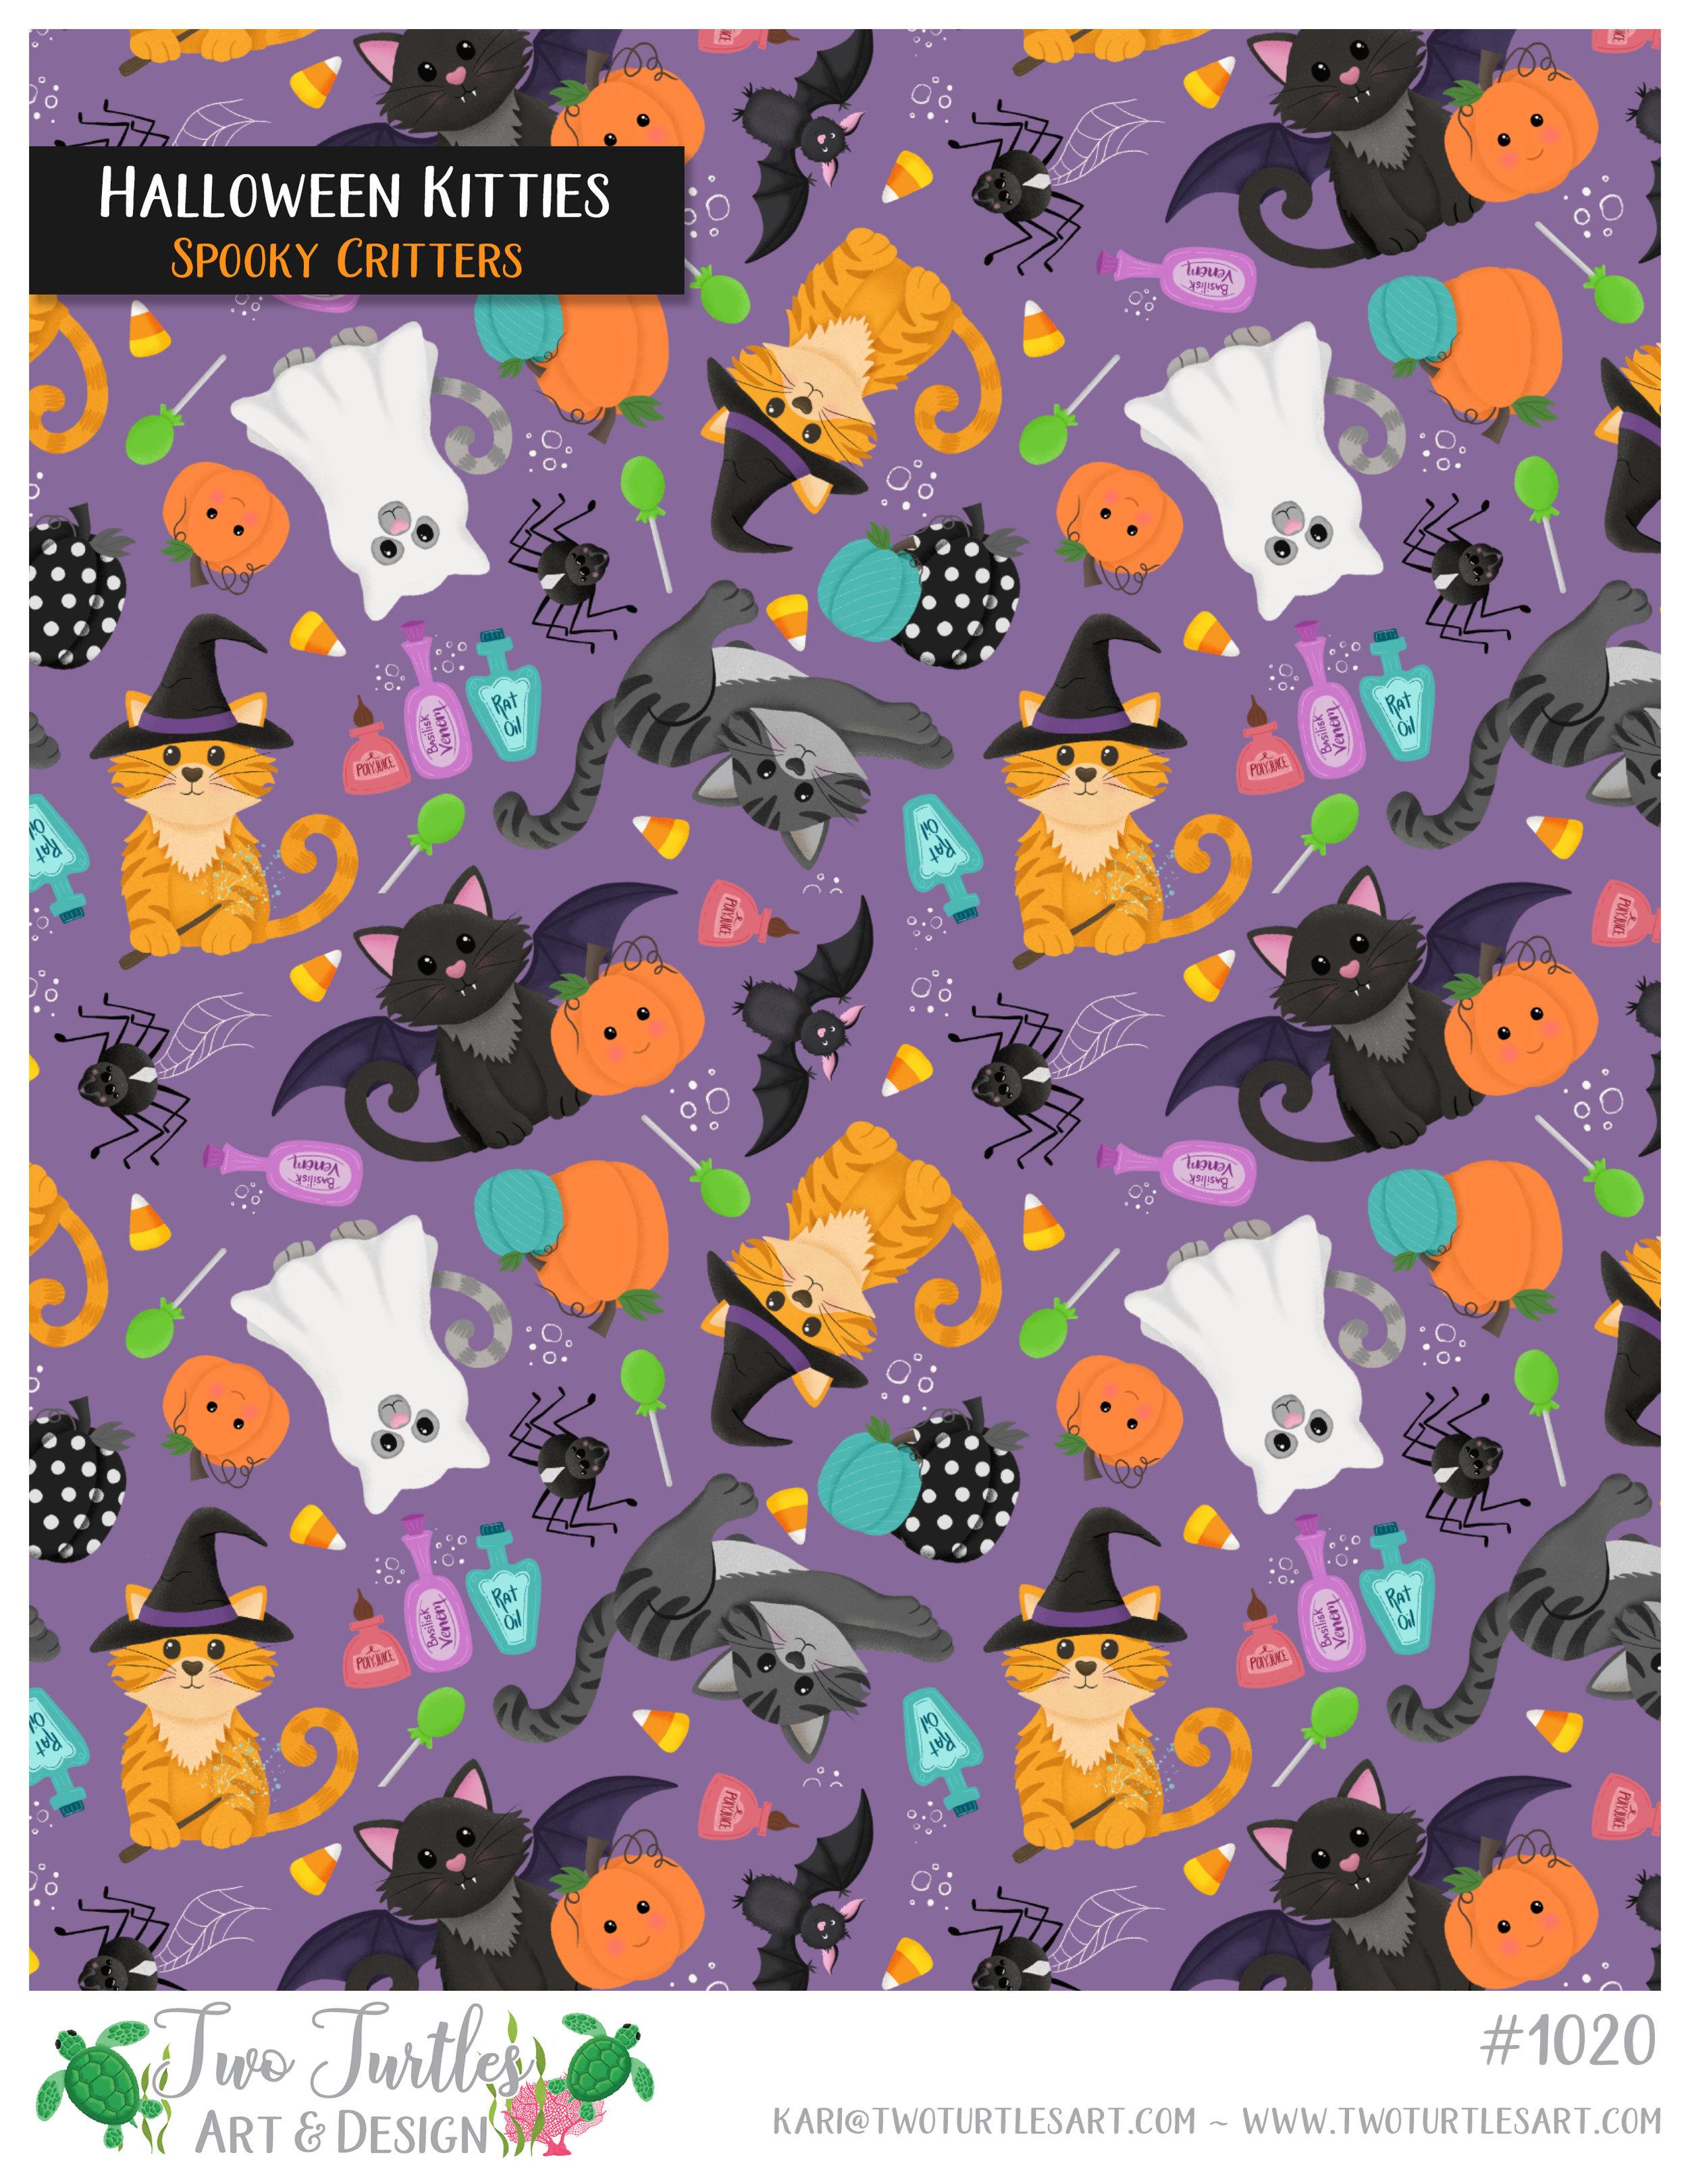 1020 Halloween Kitties.jpg